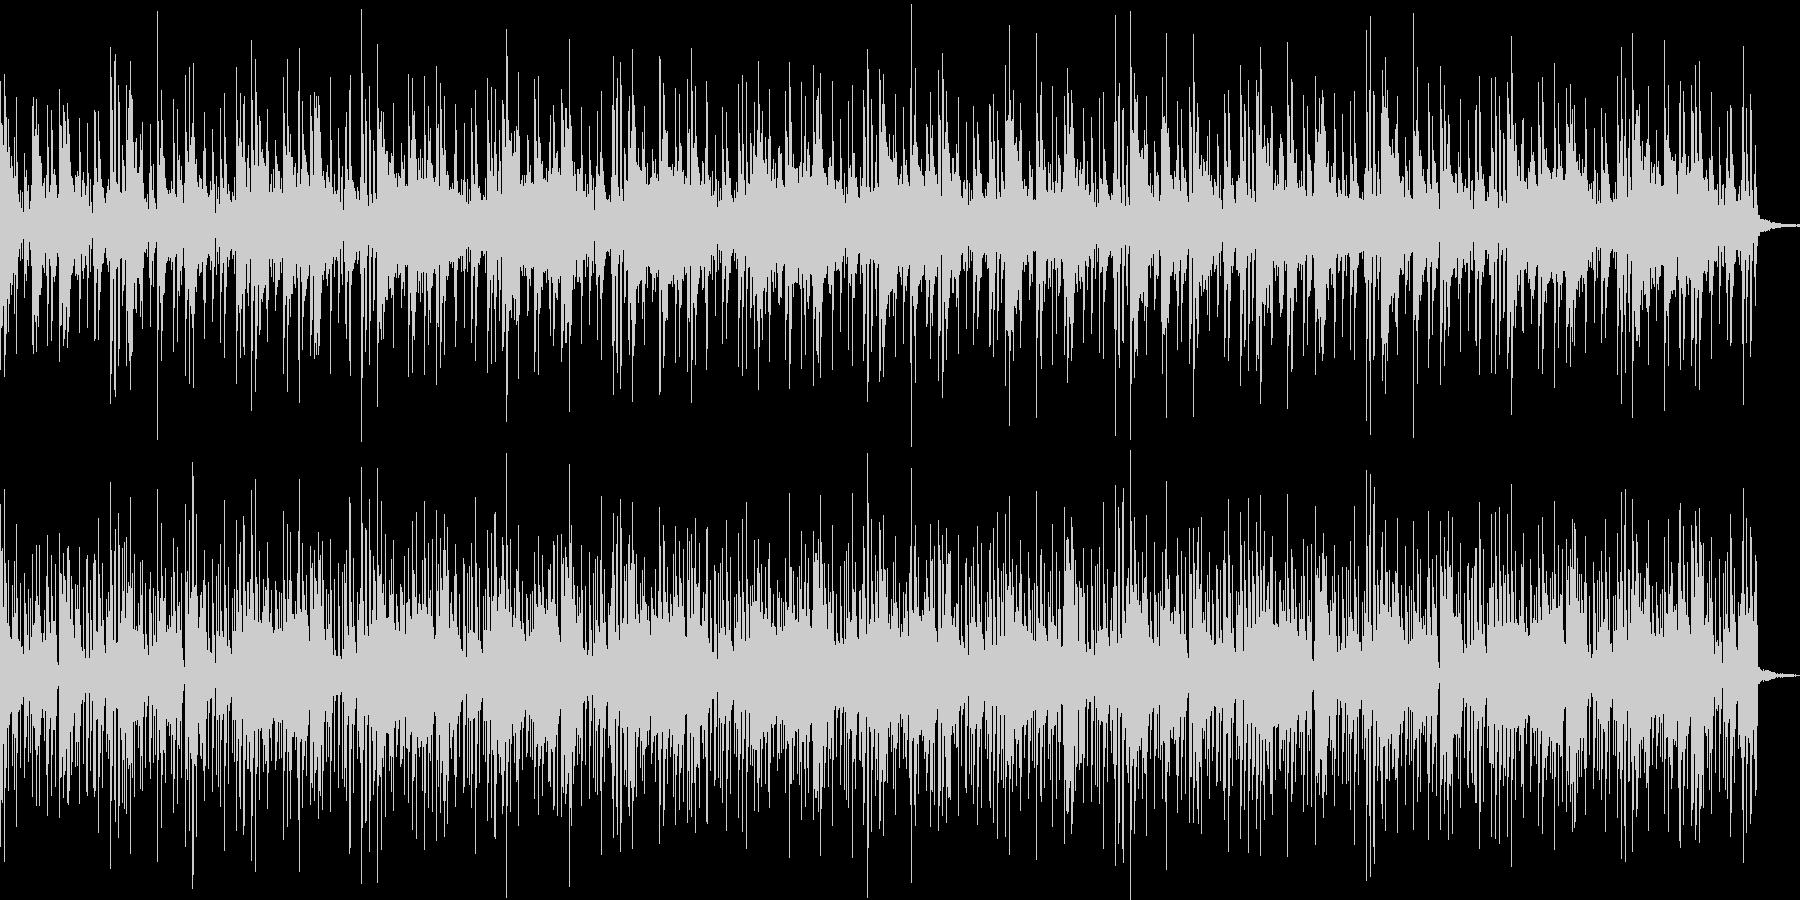 モダンなシーンに合う楽曲 エレクトロ系の未再生の波形